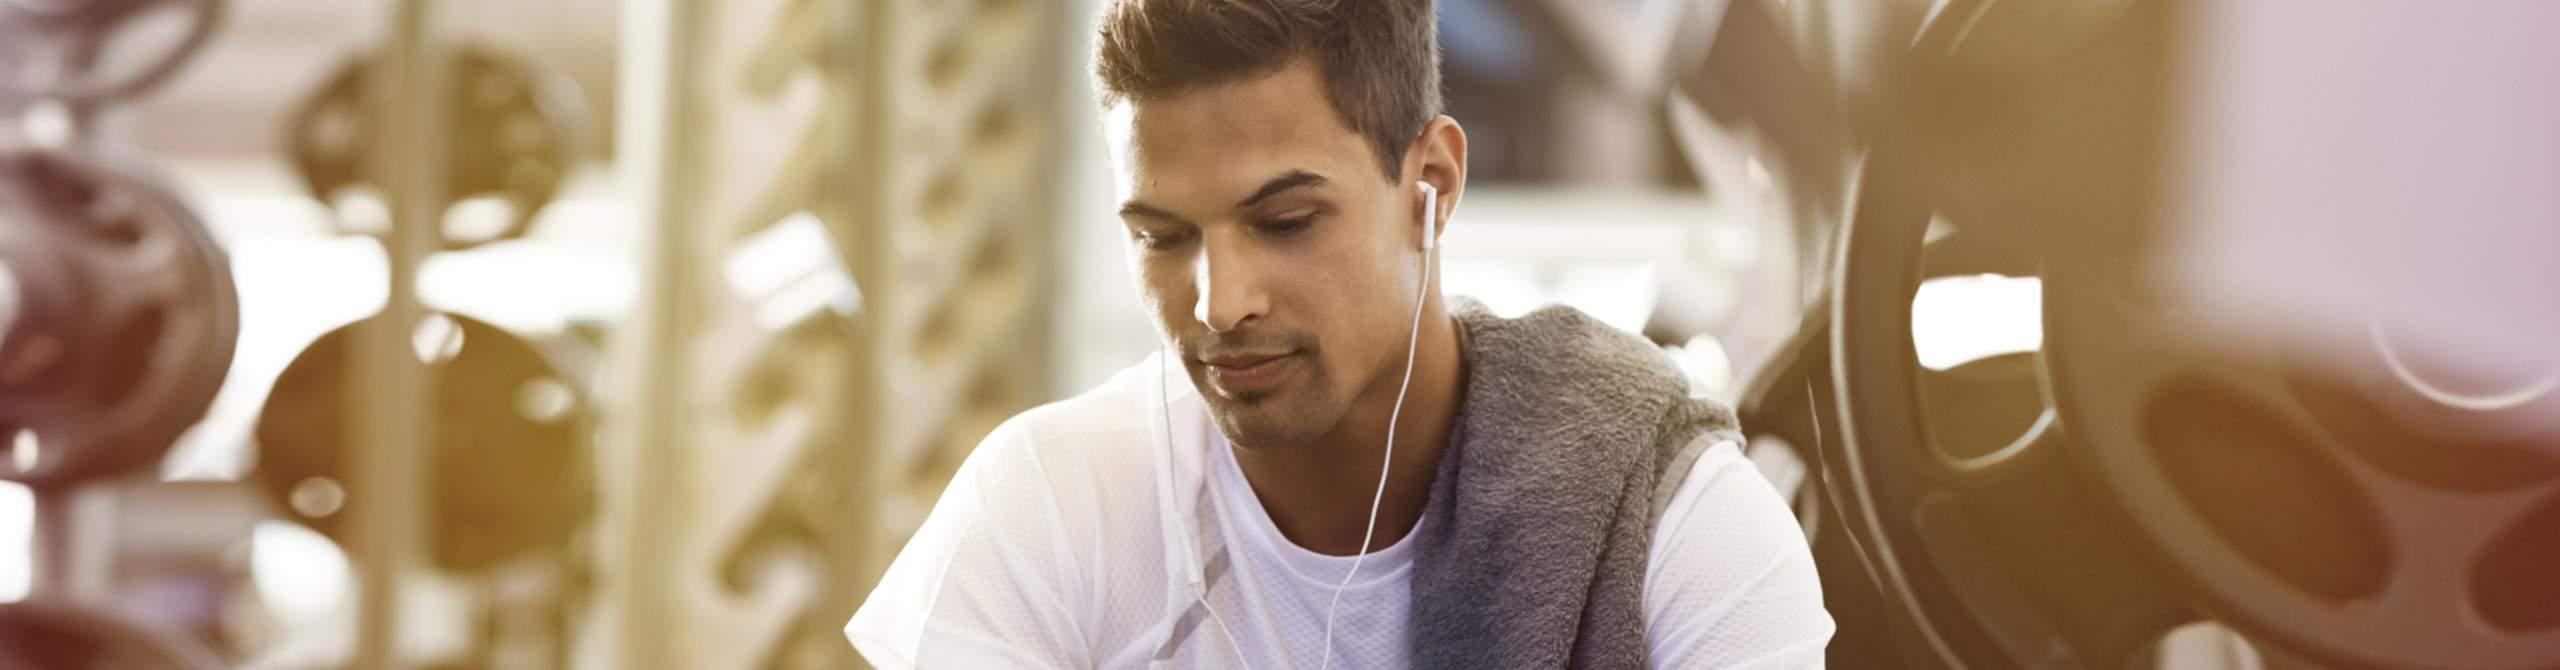 Sportler im Fitnessstudio schaut auf sein Smartphone